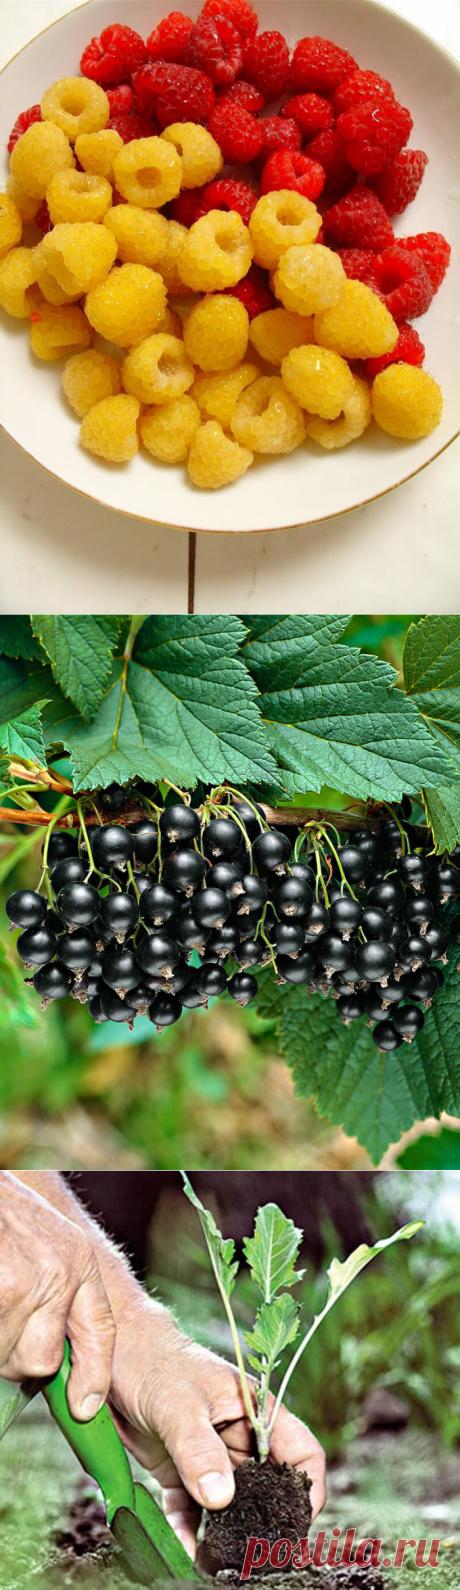 Двойная обрезка малины по Соболеву — гарантия отличного урожая!